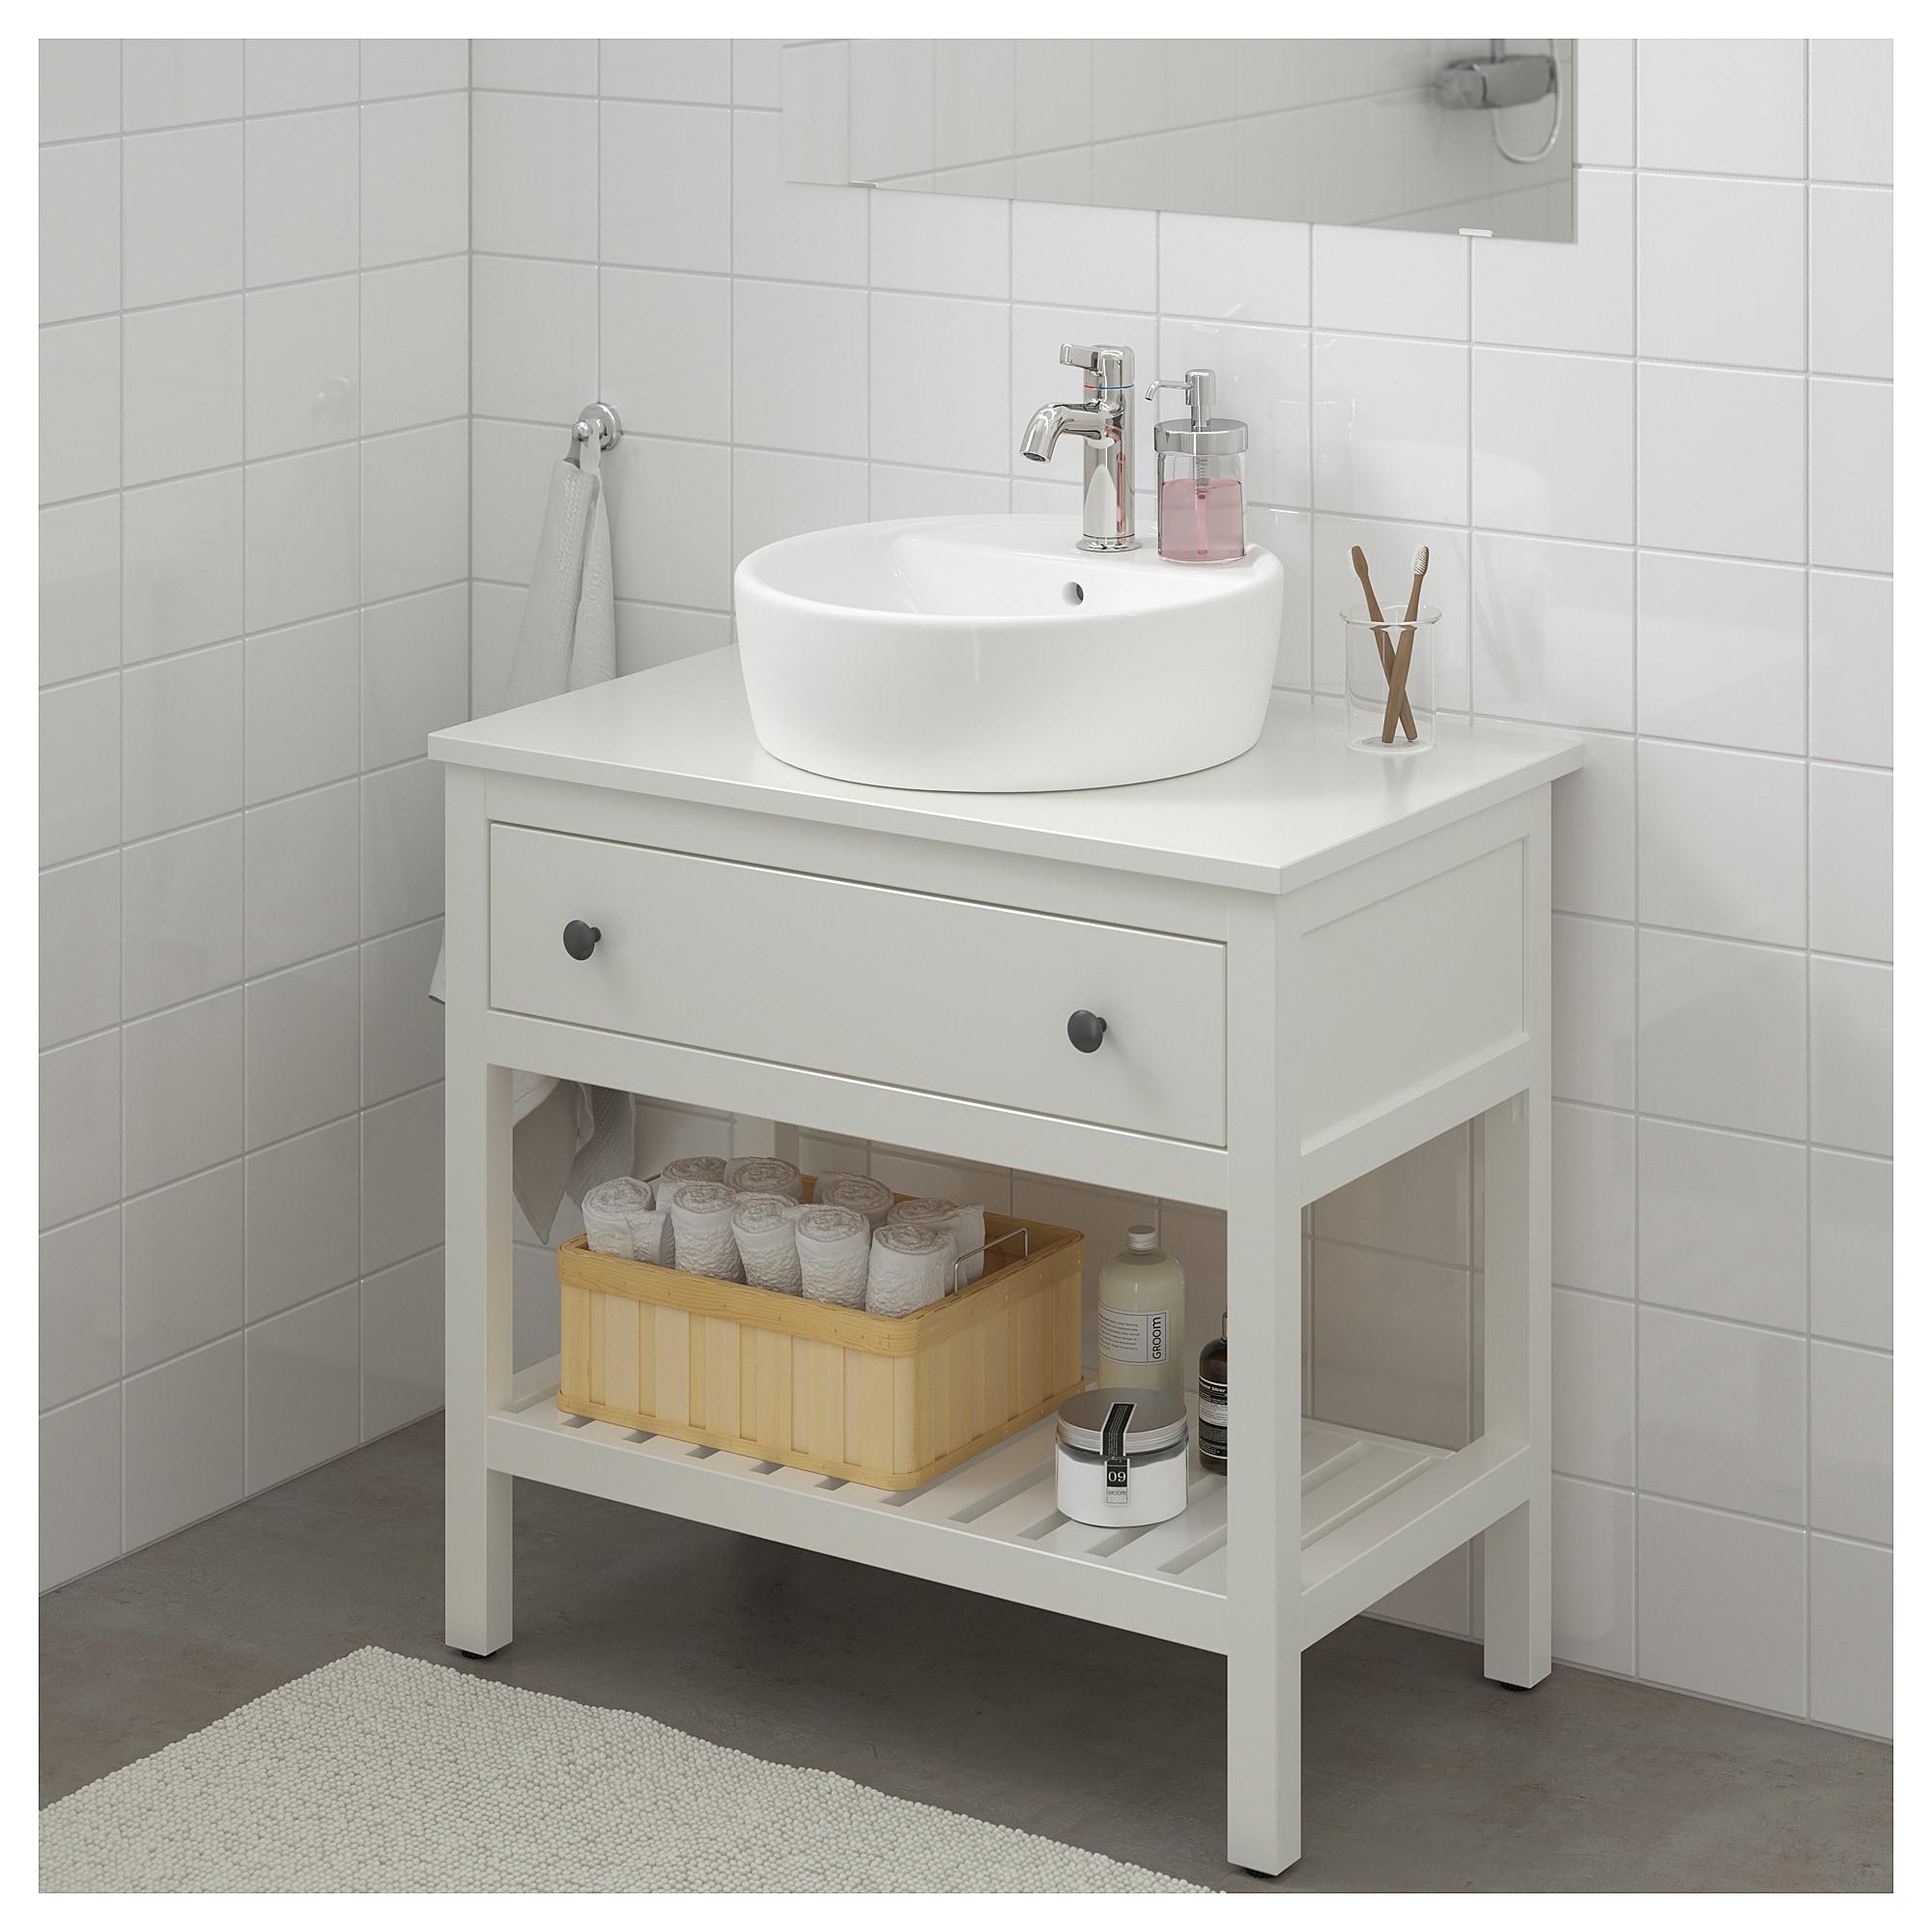 Hemnes Waschbeckenschrank Offen 1 Schubl Grau Ikea